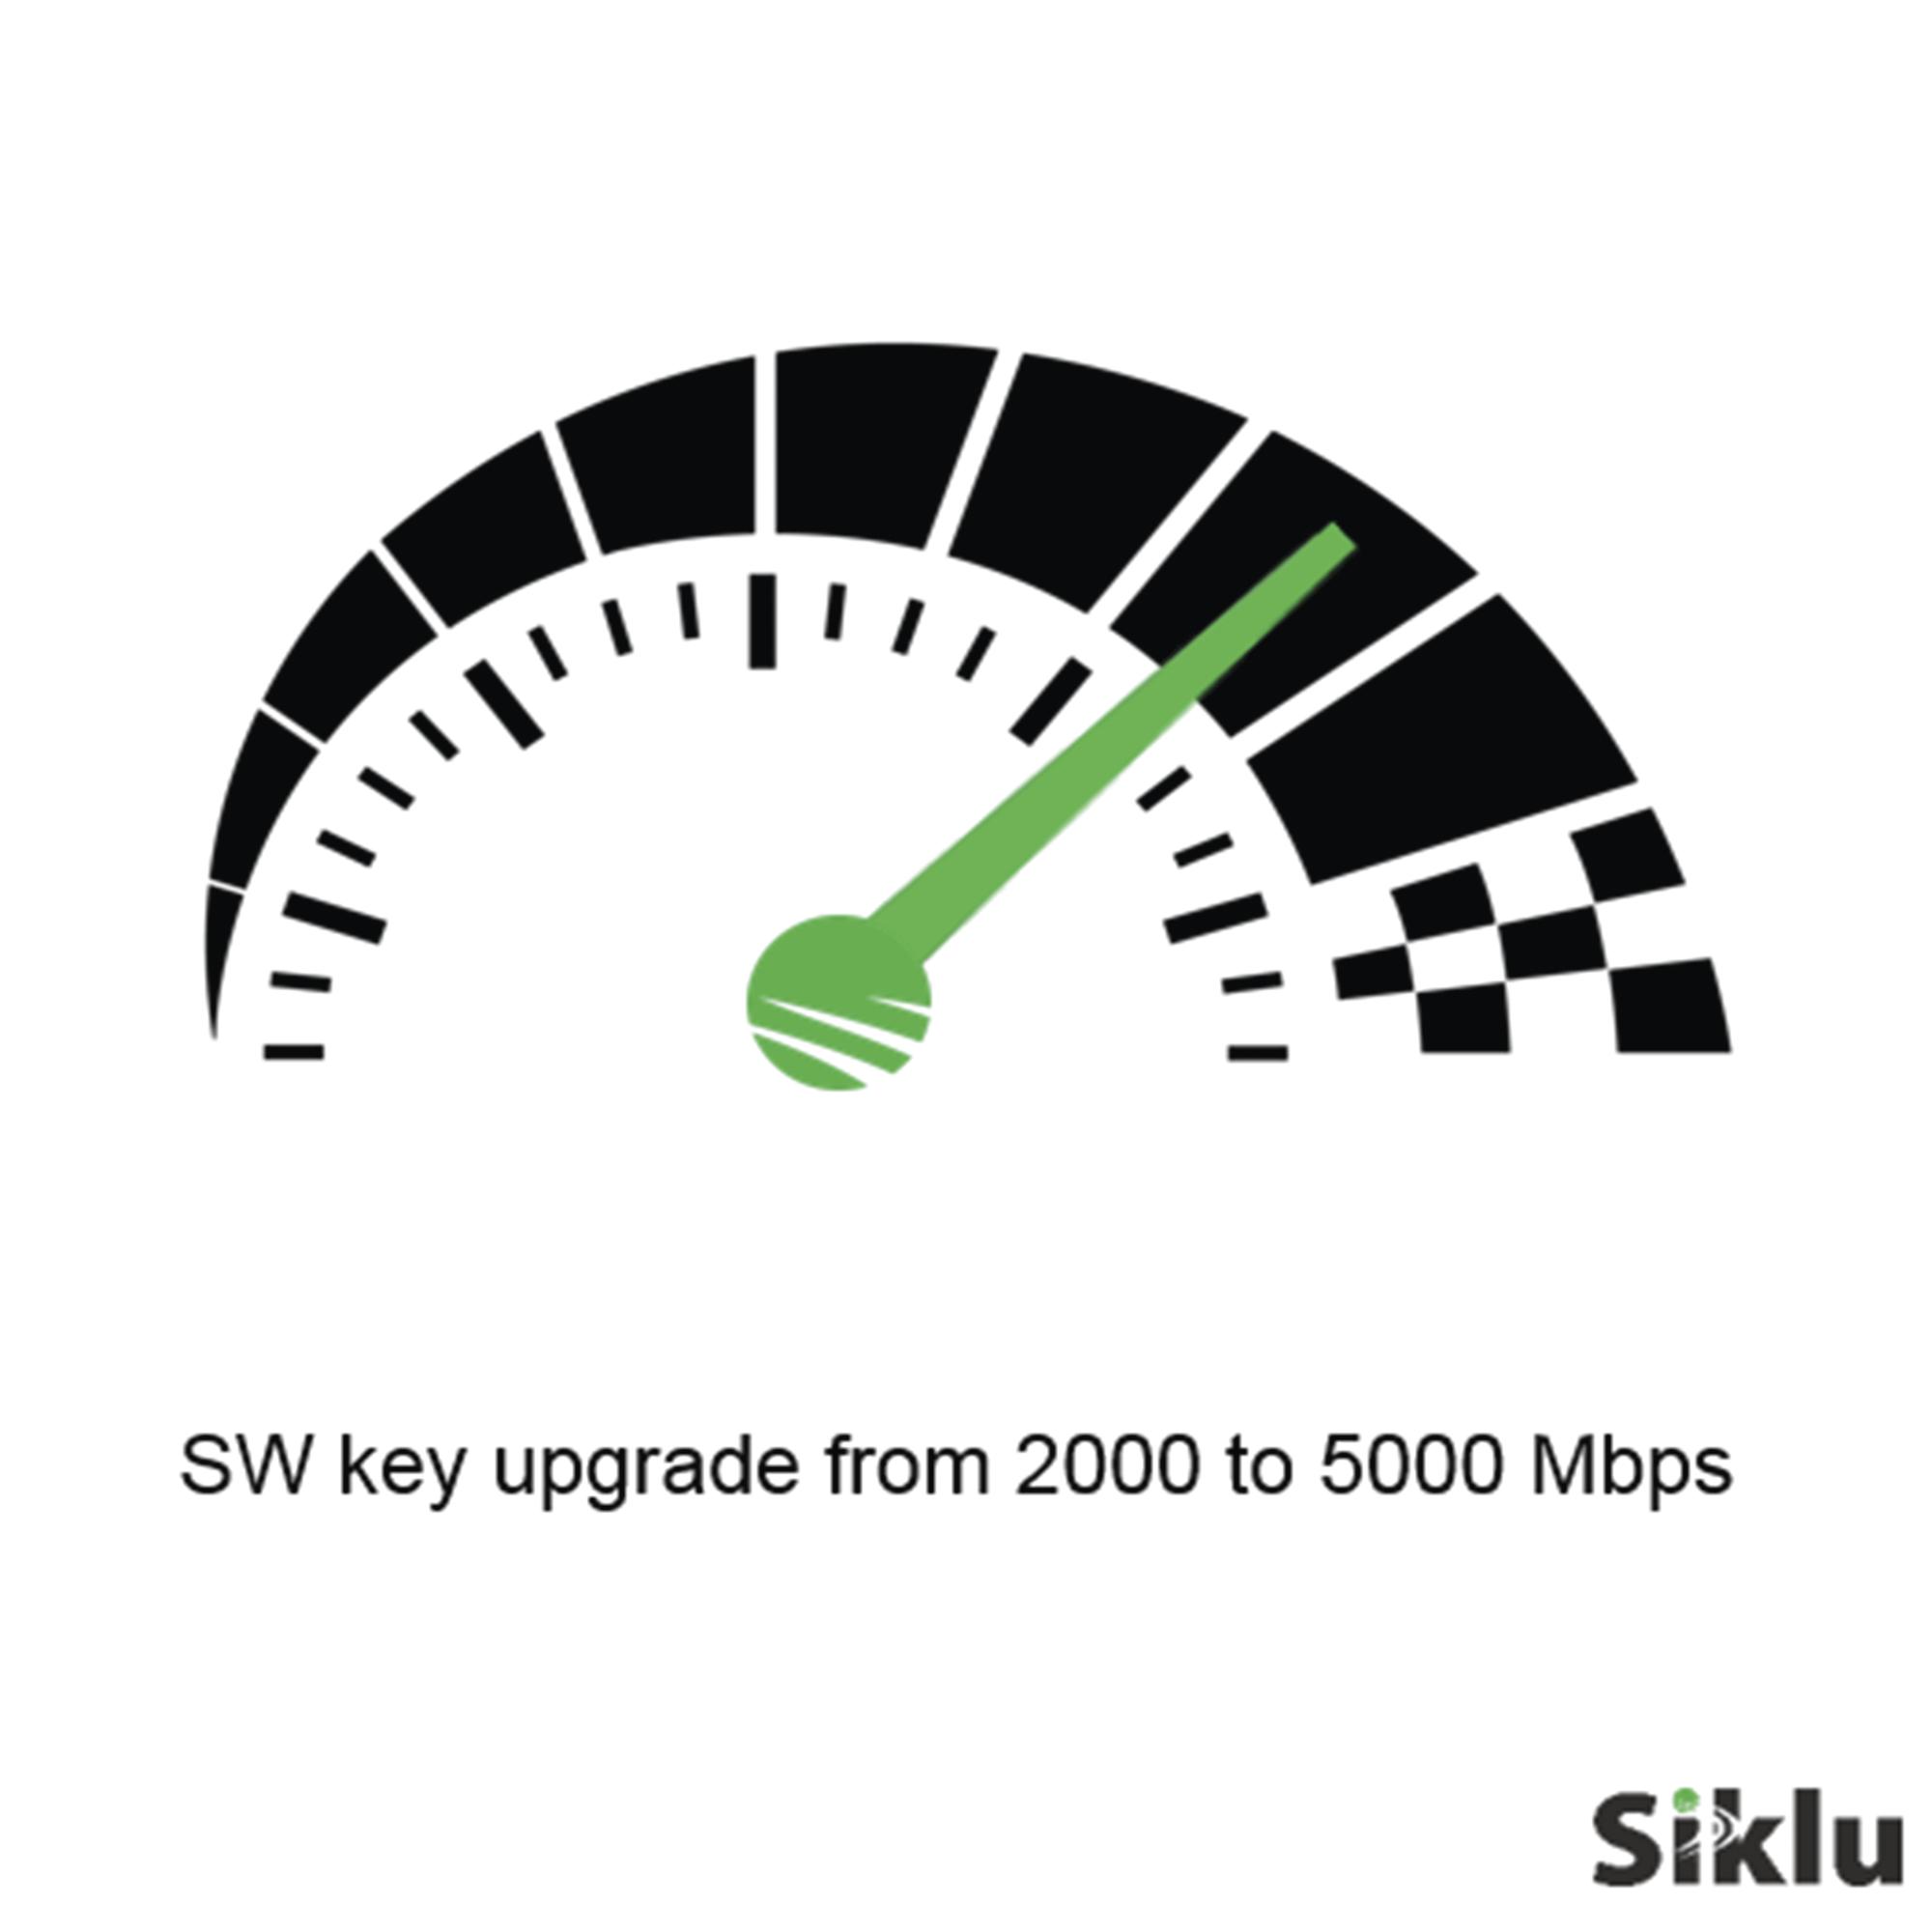 Actualización de velocidad de 2000 mbps a 5000 mbps